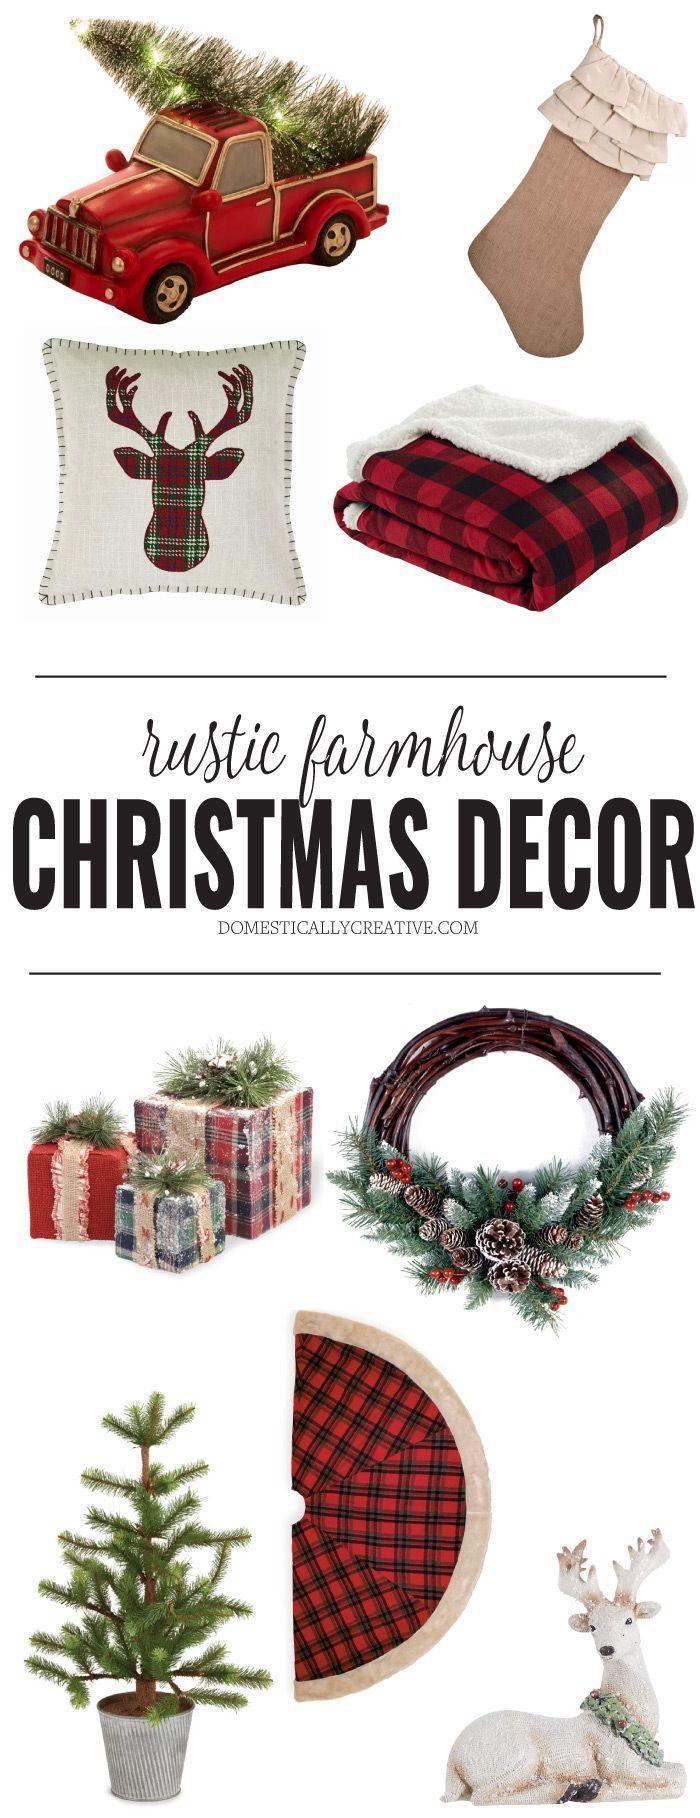 Rustic Farmhouse style Christmas decor